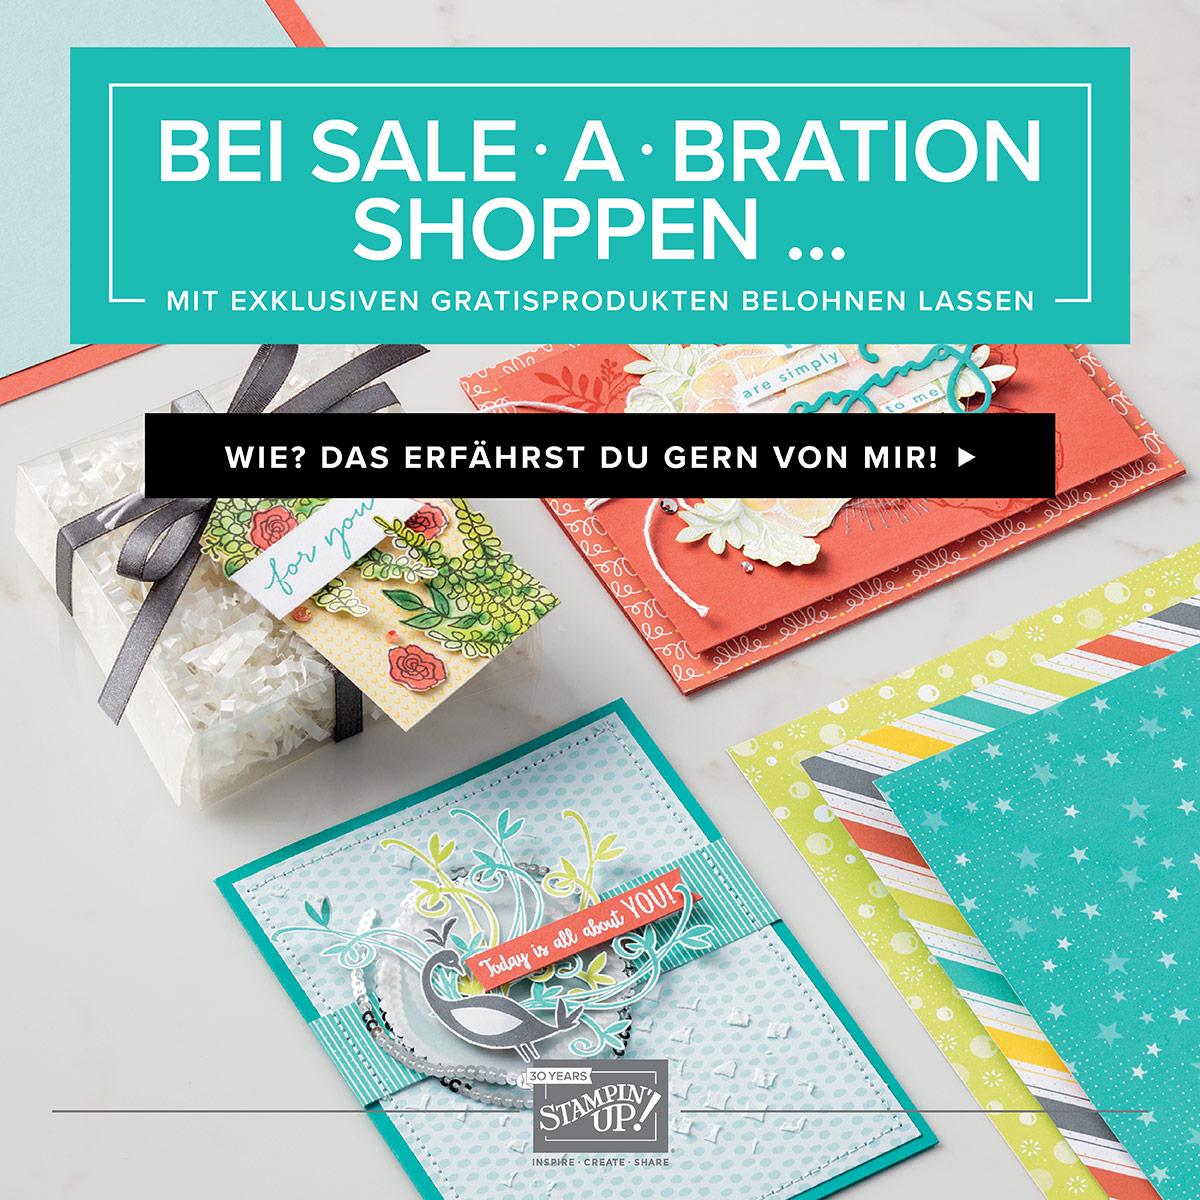 Sale-A-Bration Broschüre mit Gratis Artikeln